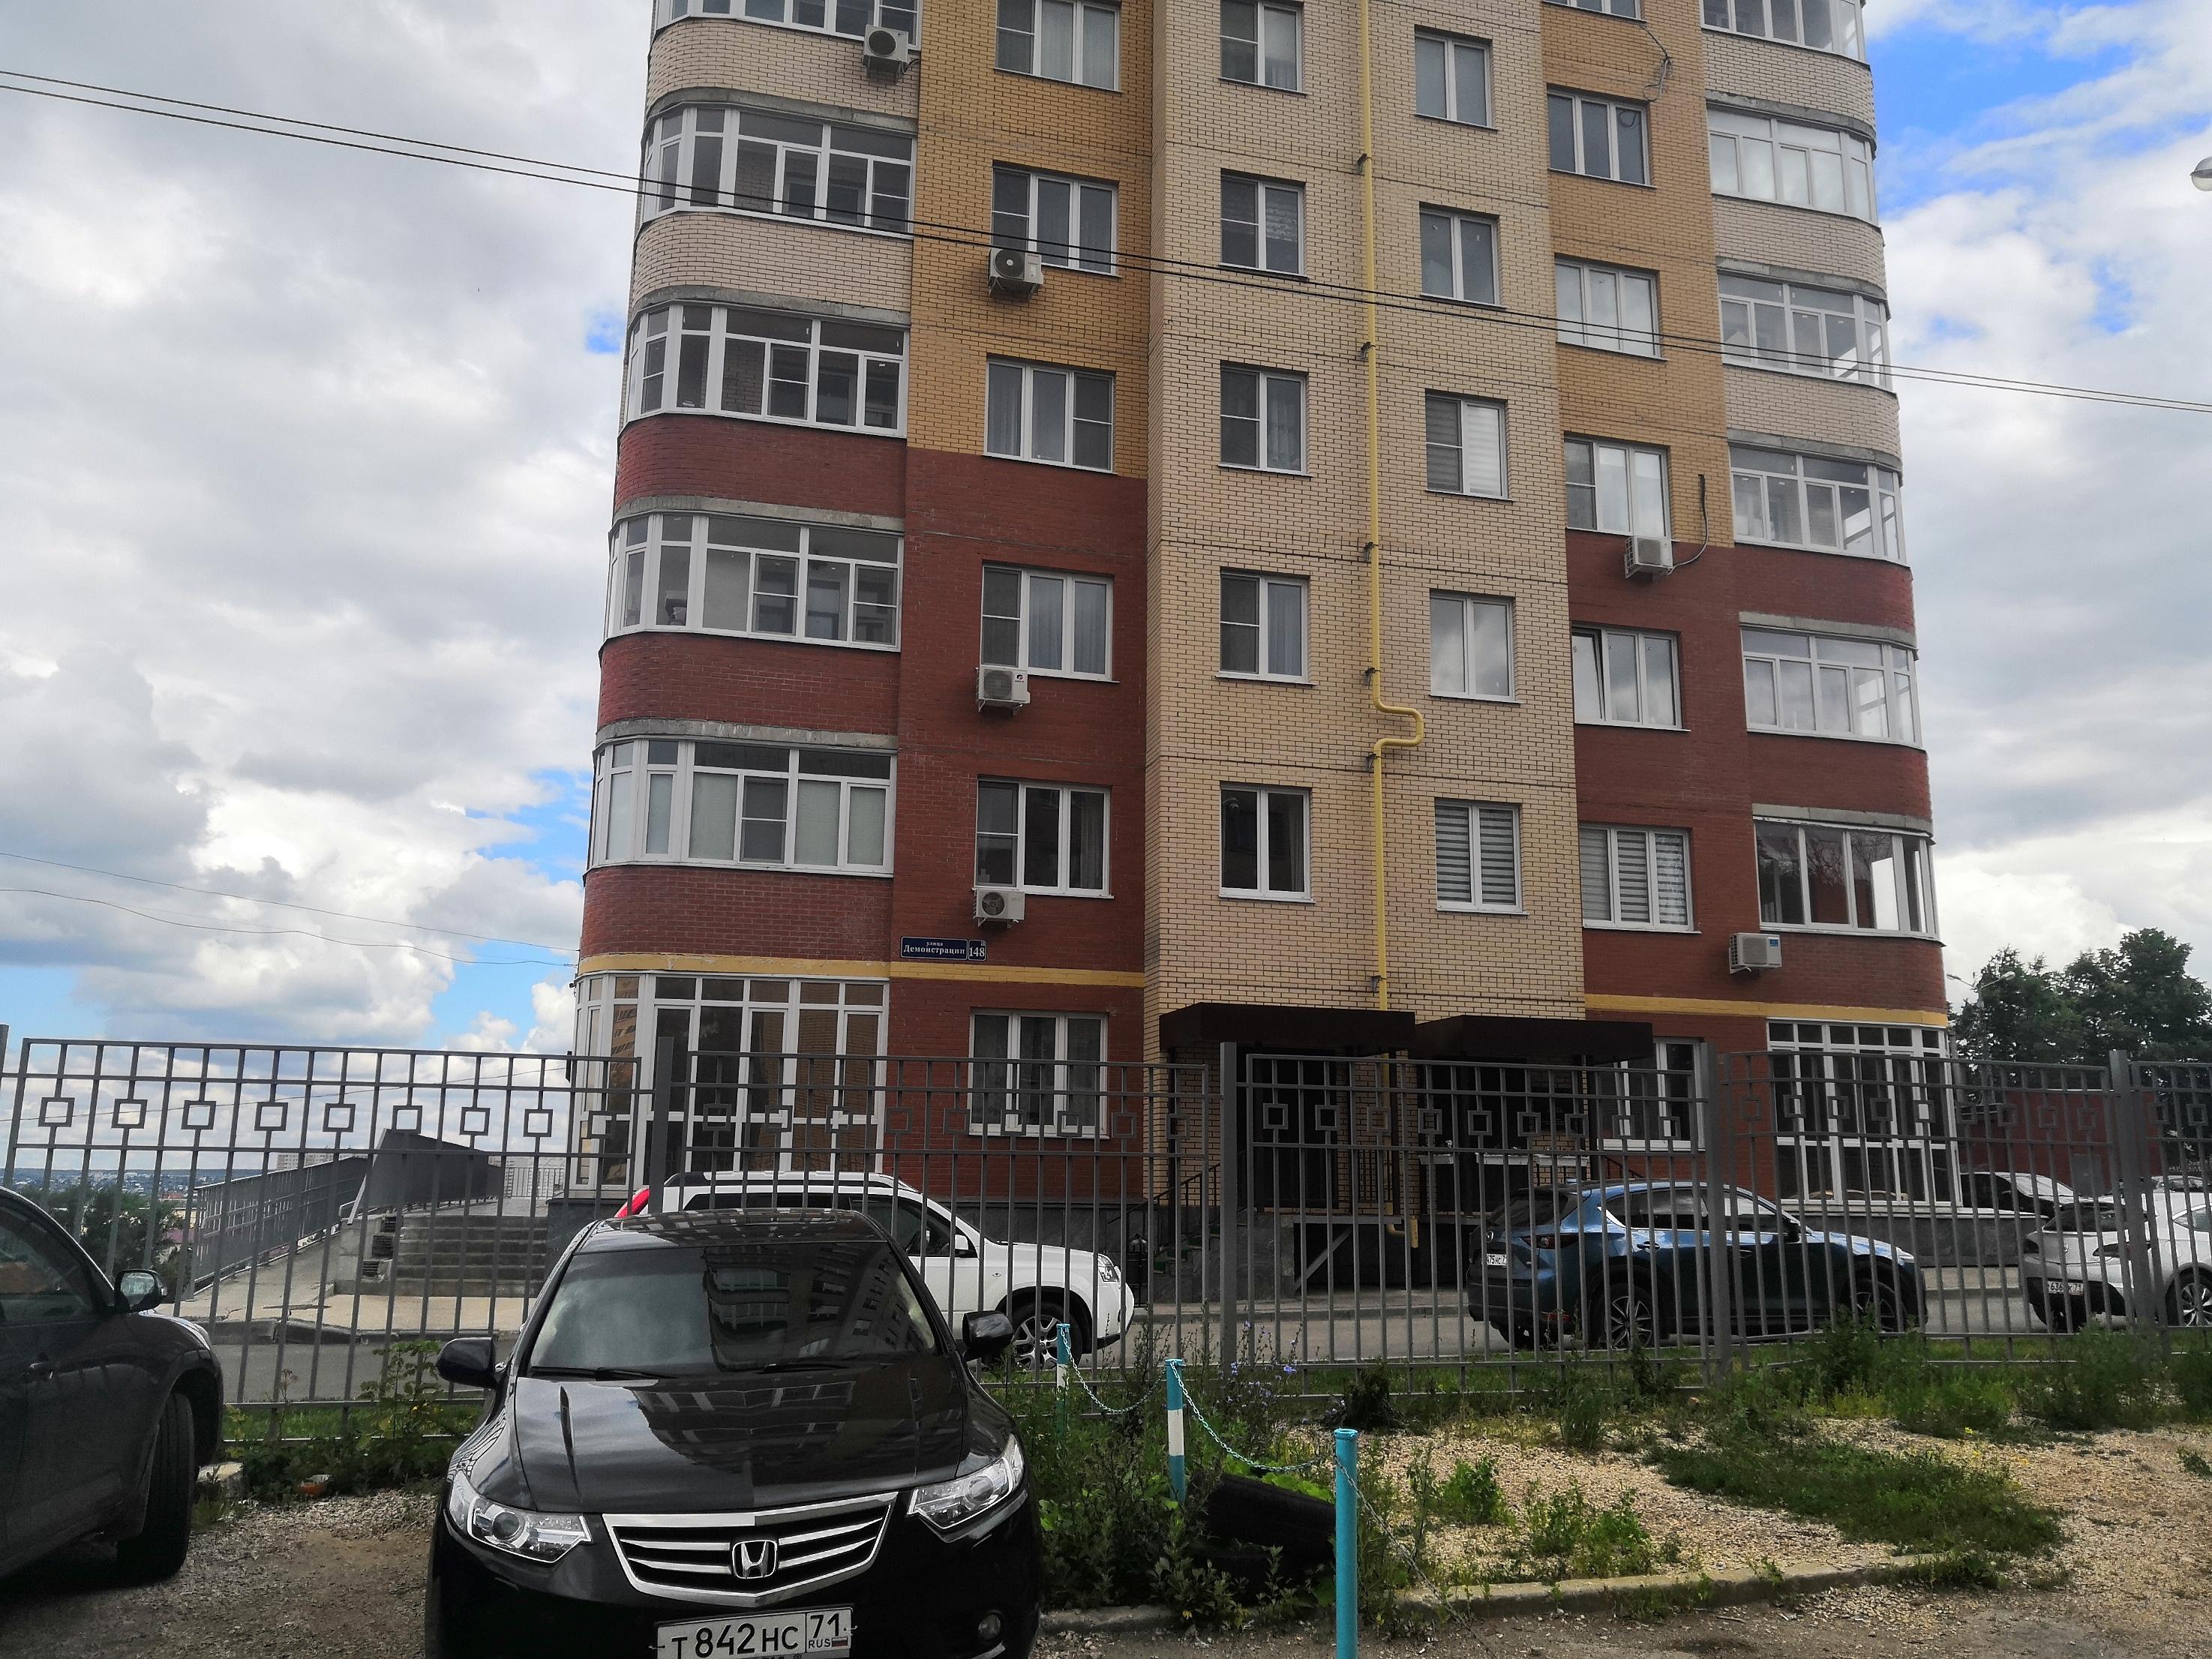 Фото дома по улице Демонстрации 148 г. Тулы ООО ХСЦТЗСМ